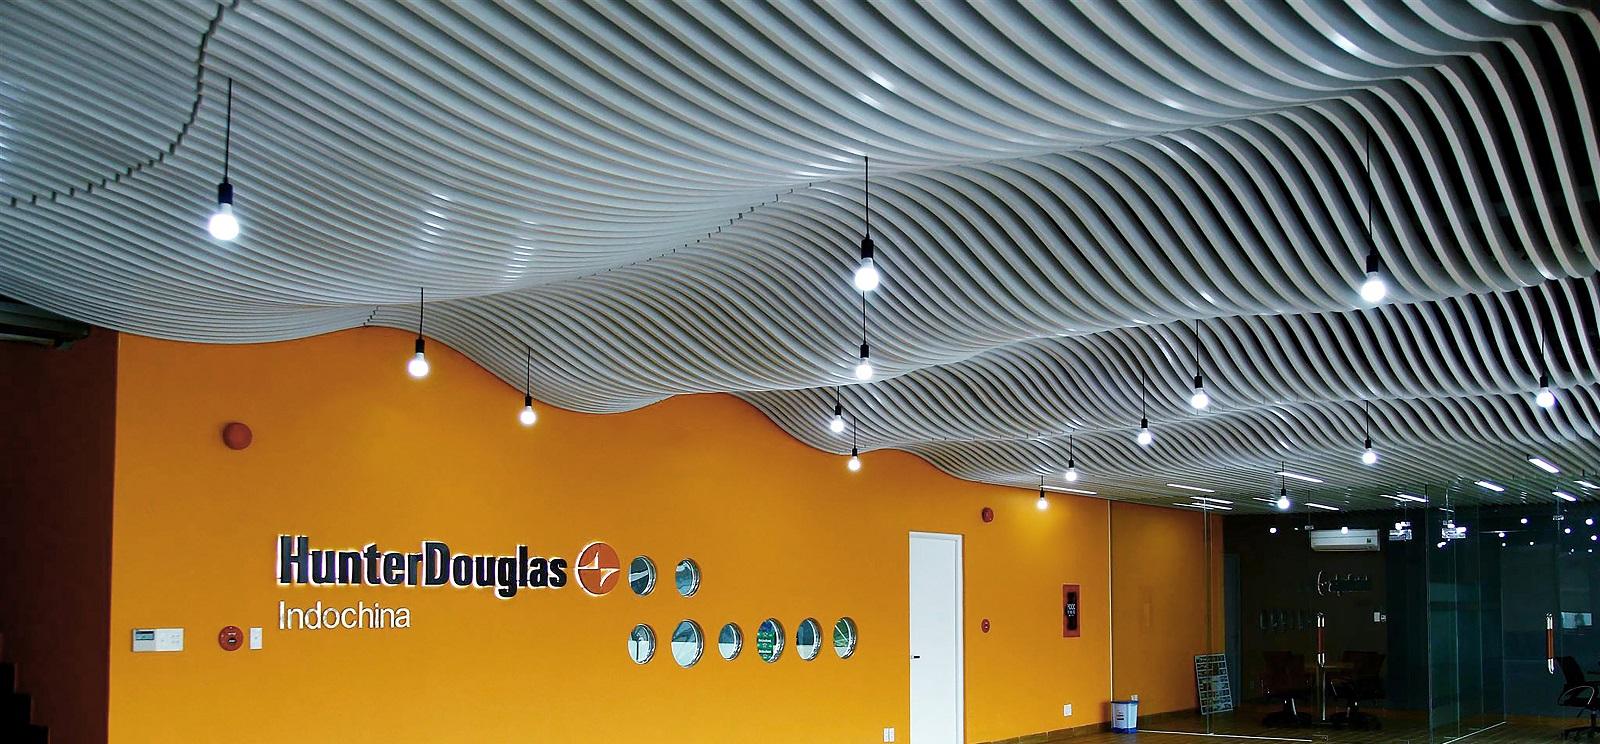 Kỉ niệm 25 năm thành lập Hunter Douglas tại Việt Nam (10/5/1996 – 10/05/2021)